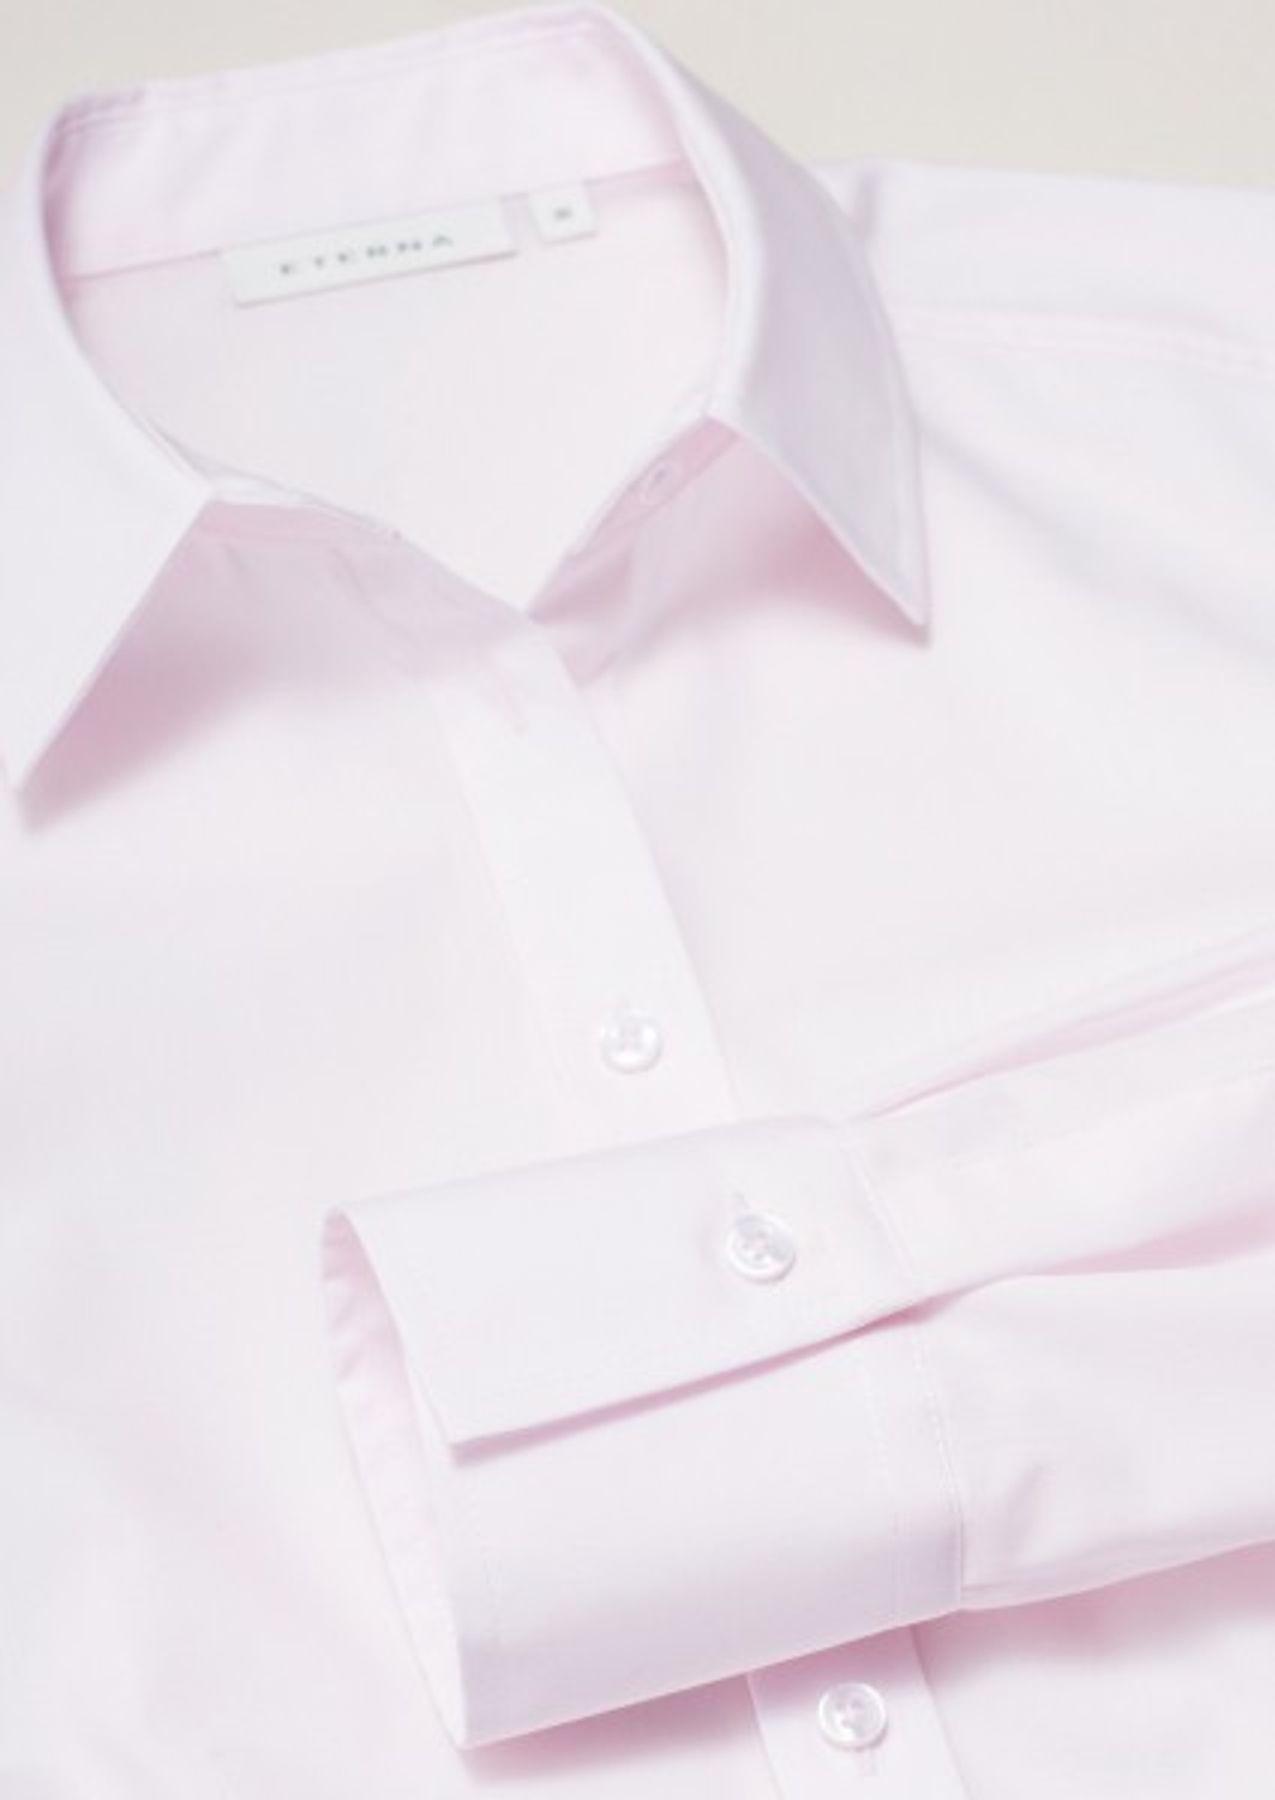 Eterna -  Comfort-Fit - Bügelfreie Damen Langarm - Bluse in Weiß, Blau, Rosè oder Schwarz (5220 D670) – Bild 6